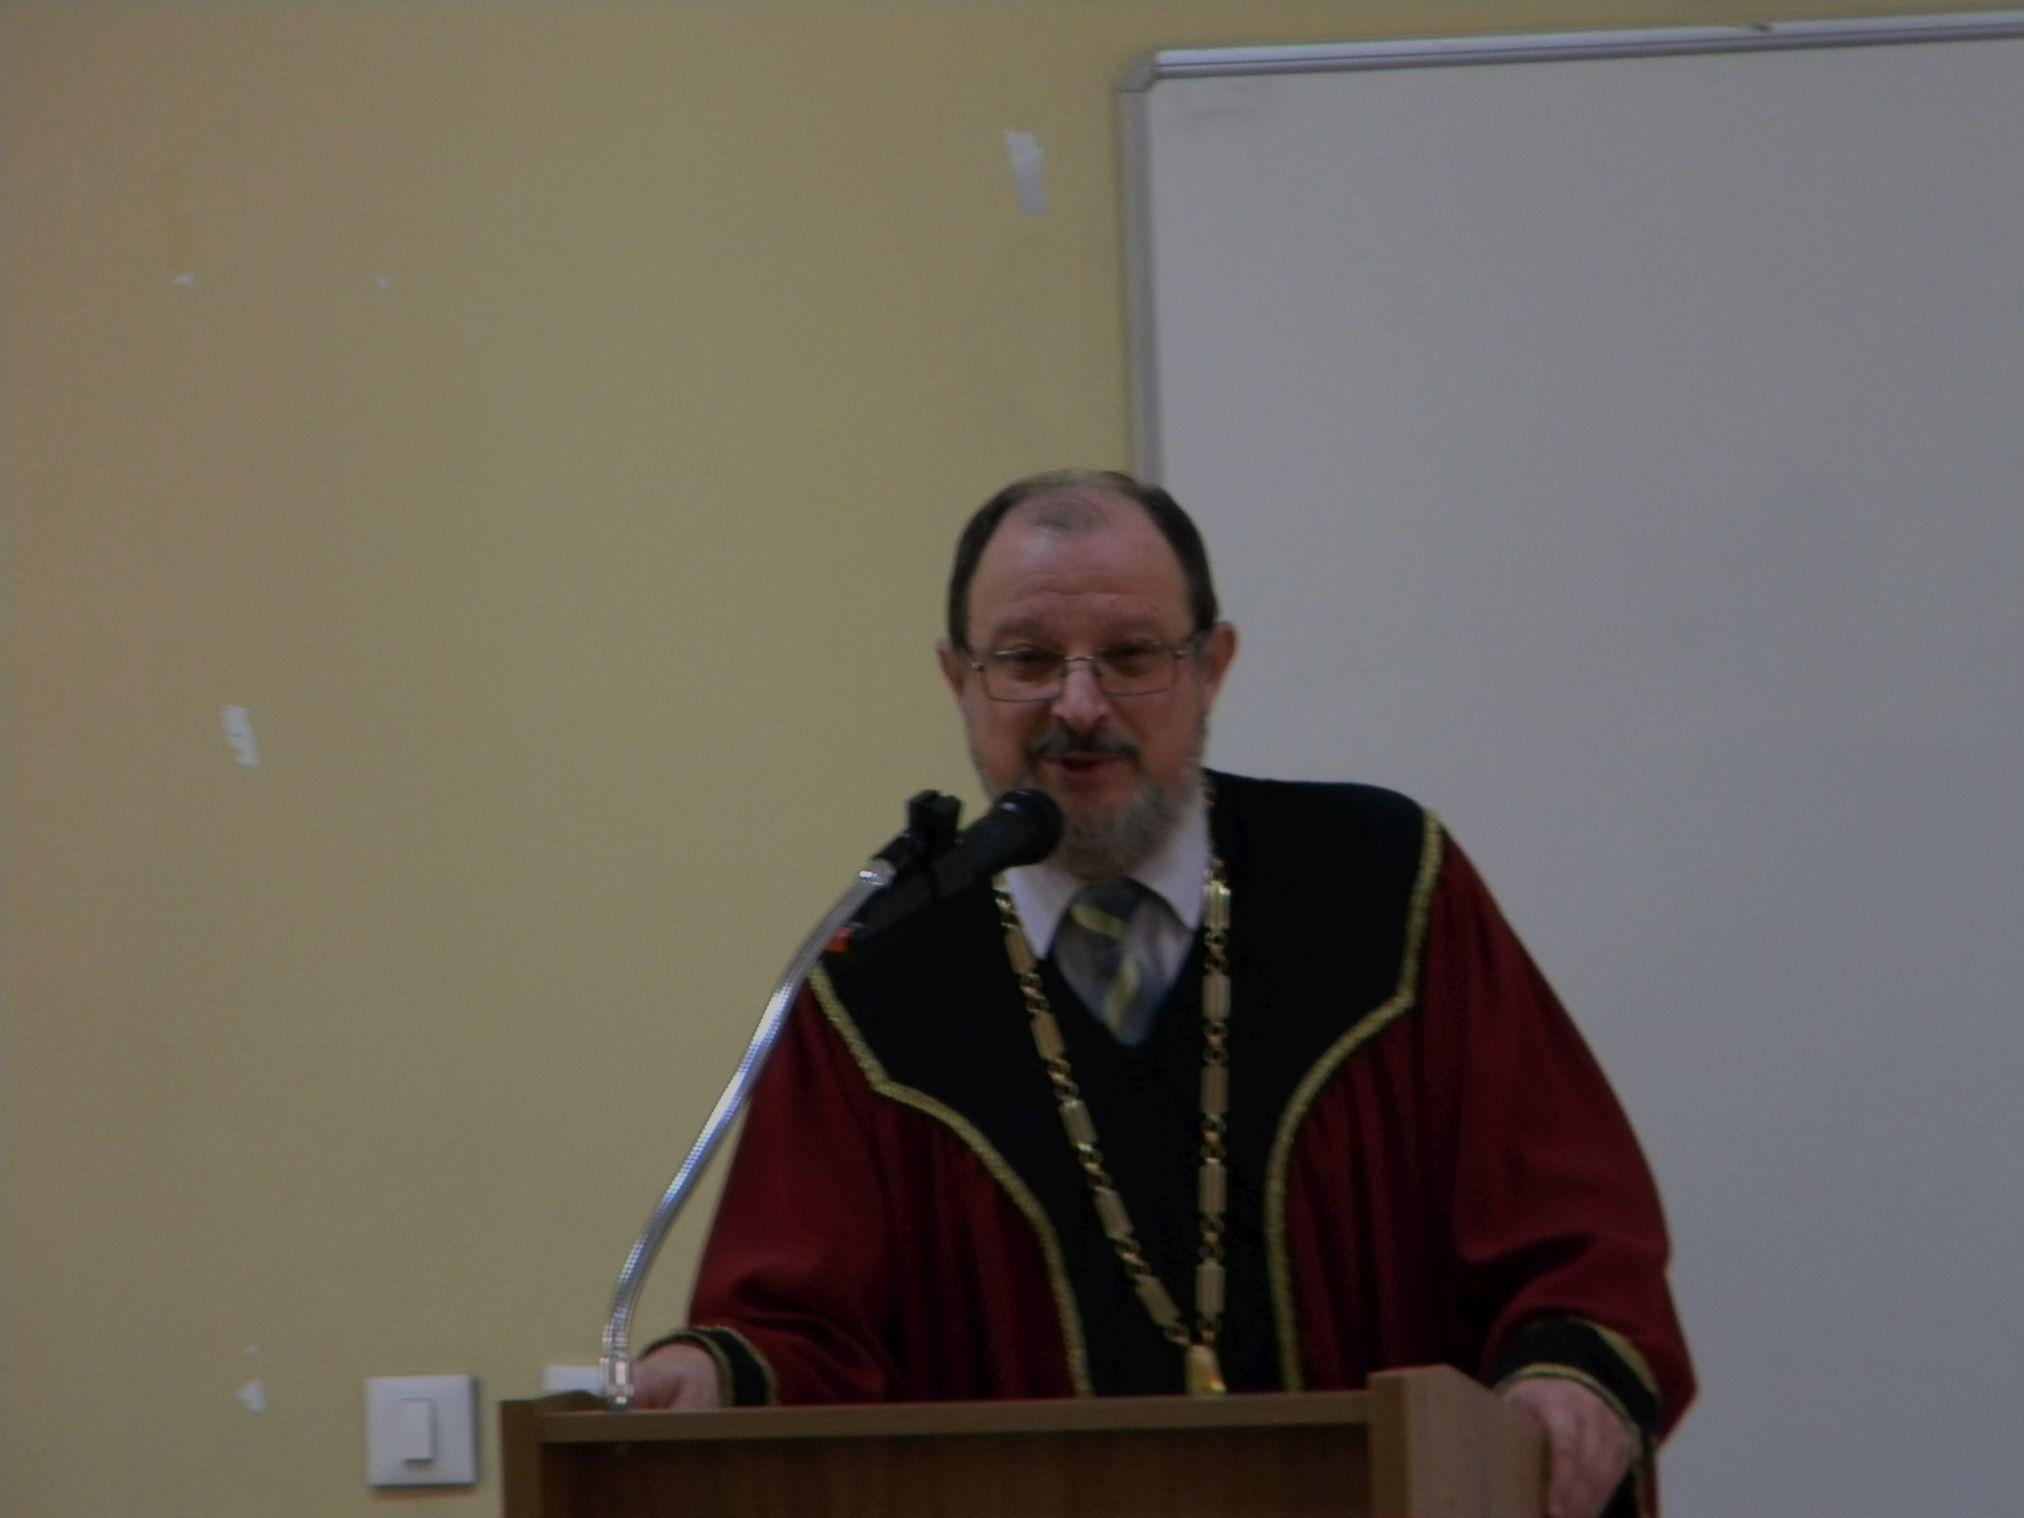 prof. Kozludzhov